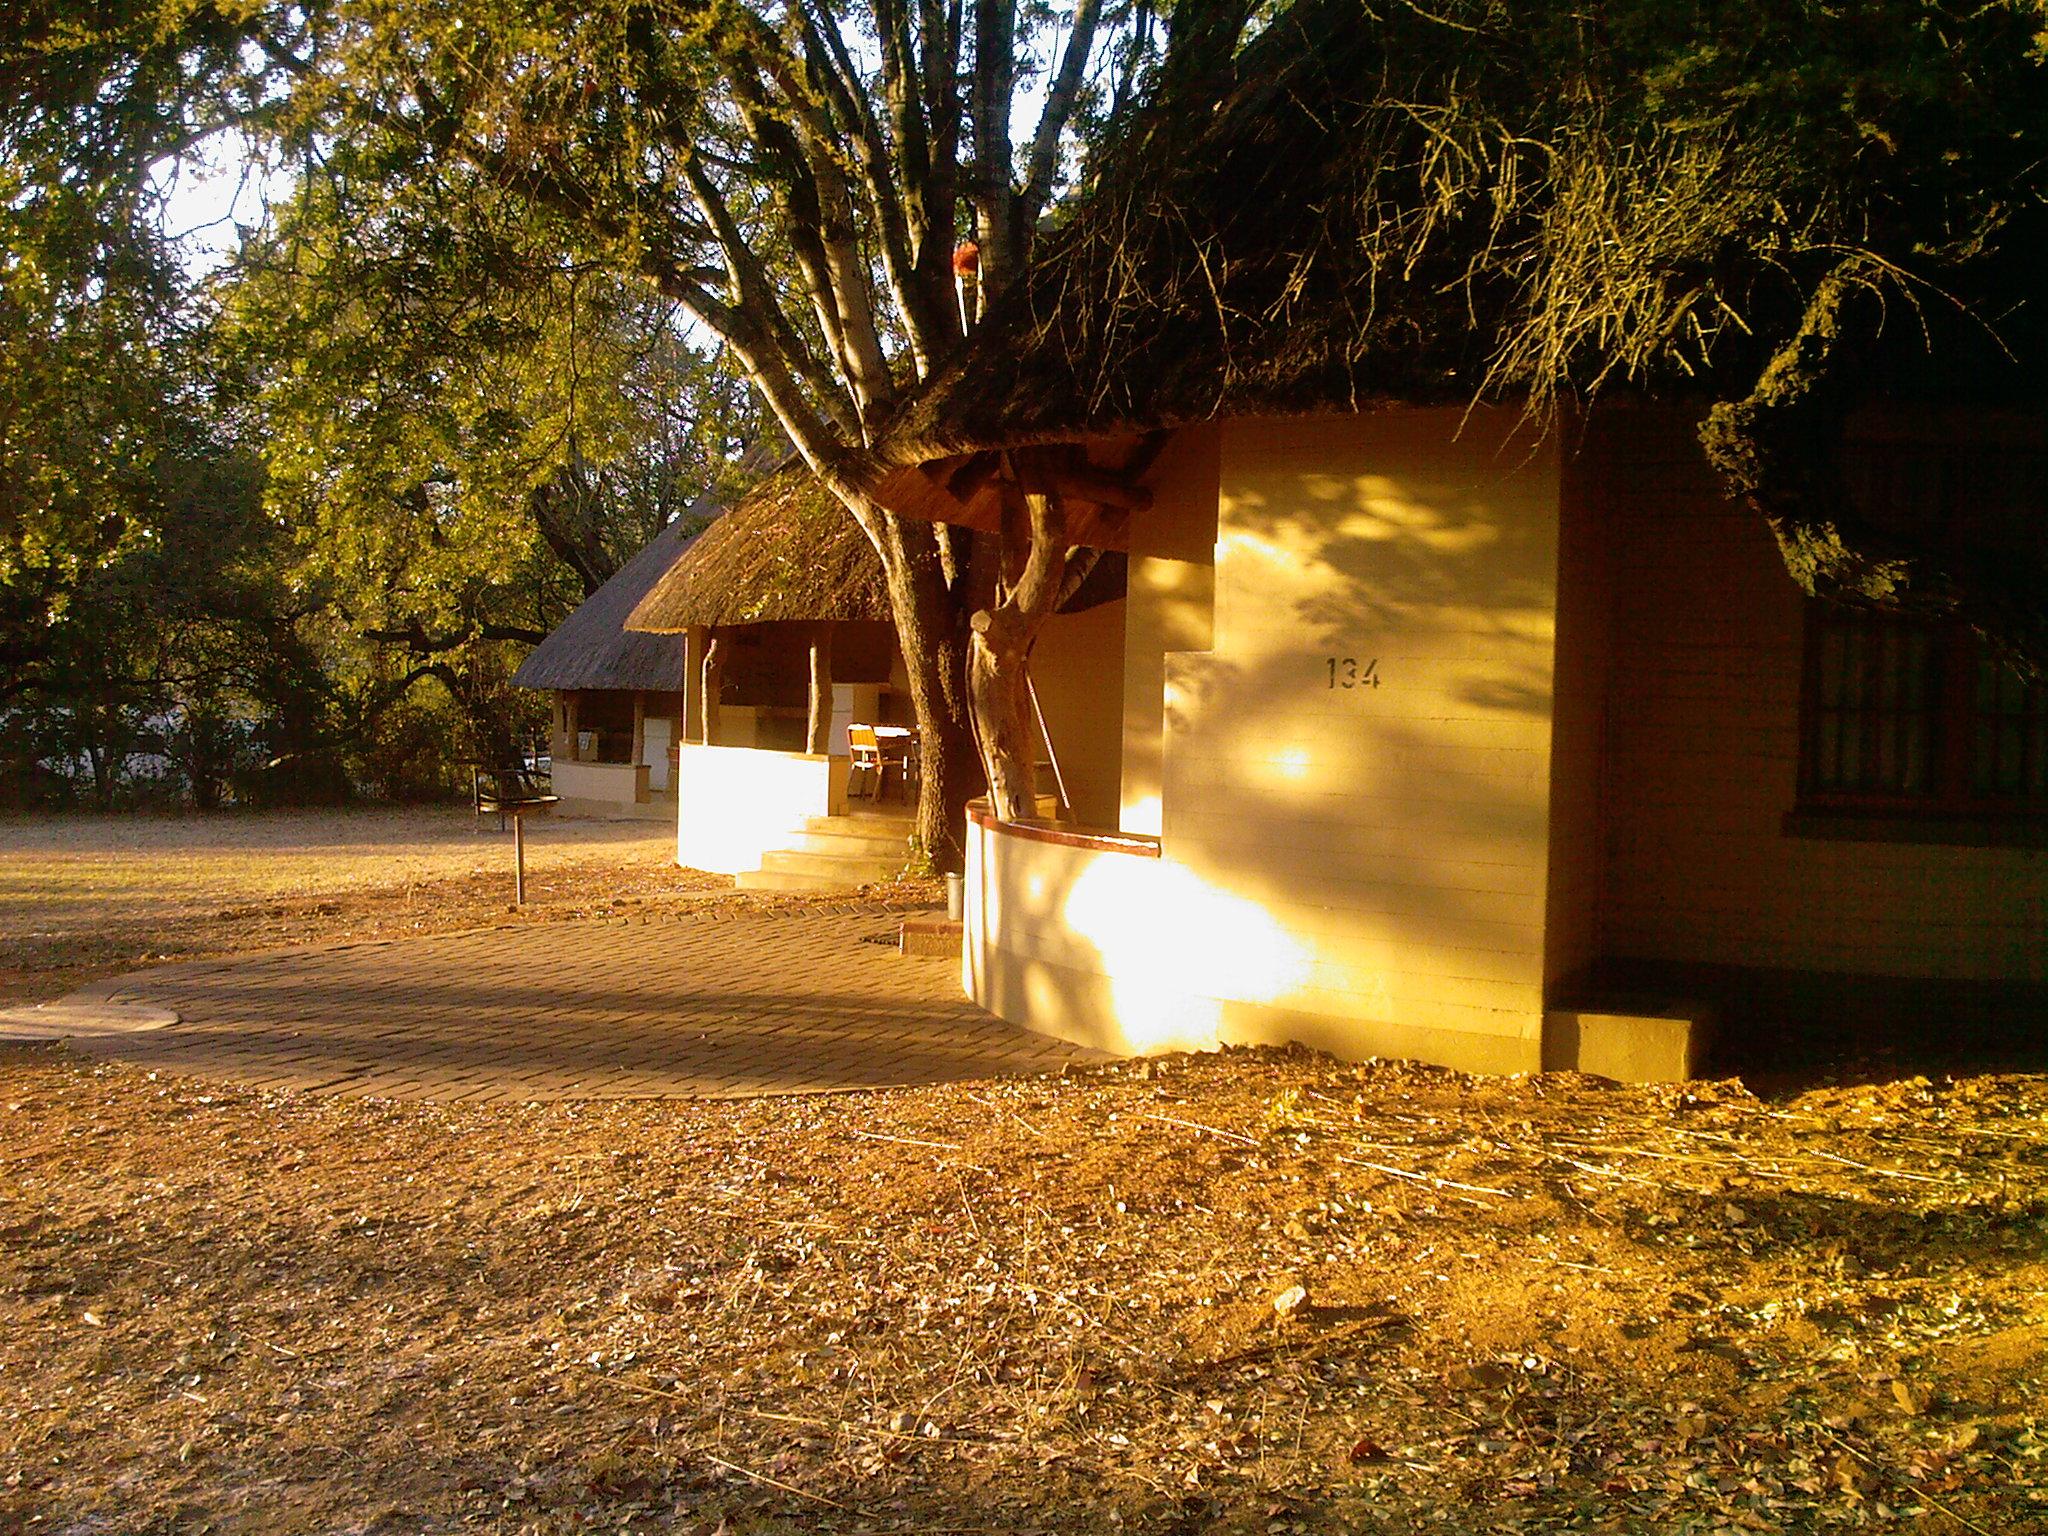 krugerpark, olifants restcamp in krugerpark, zuid afrika van verrekrugerpark, olifants restcamp